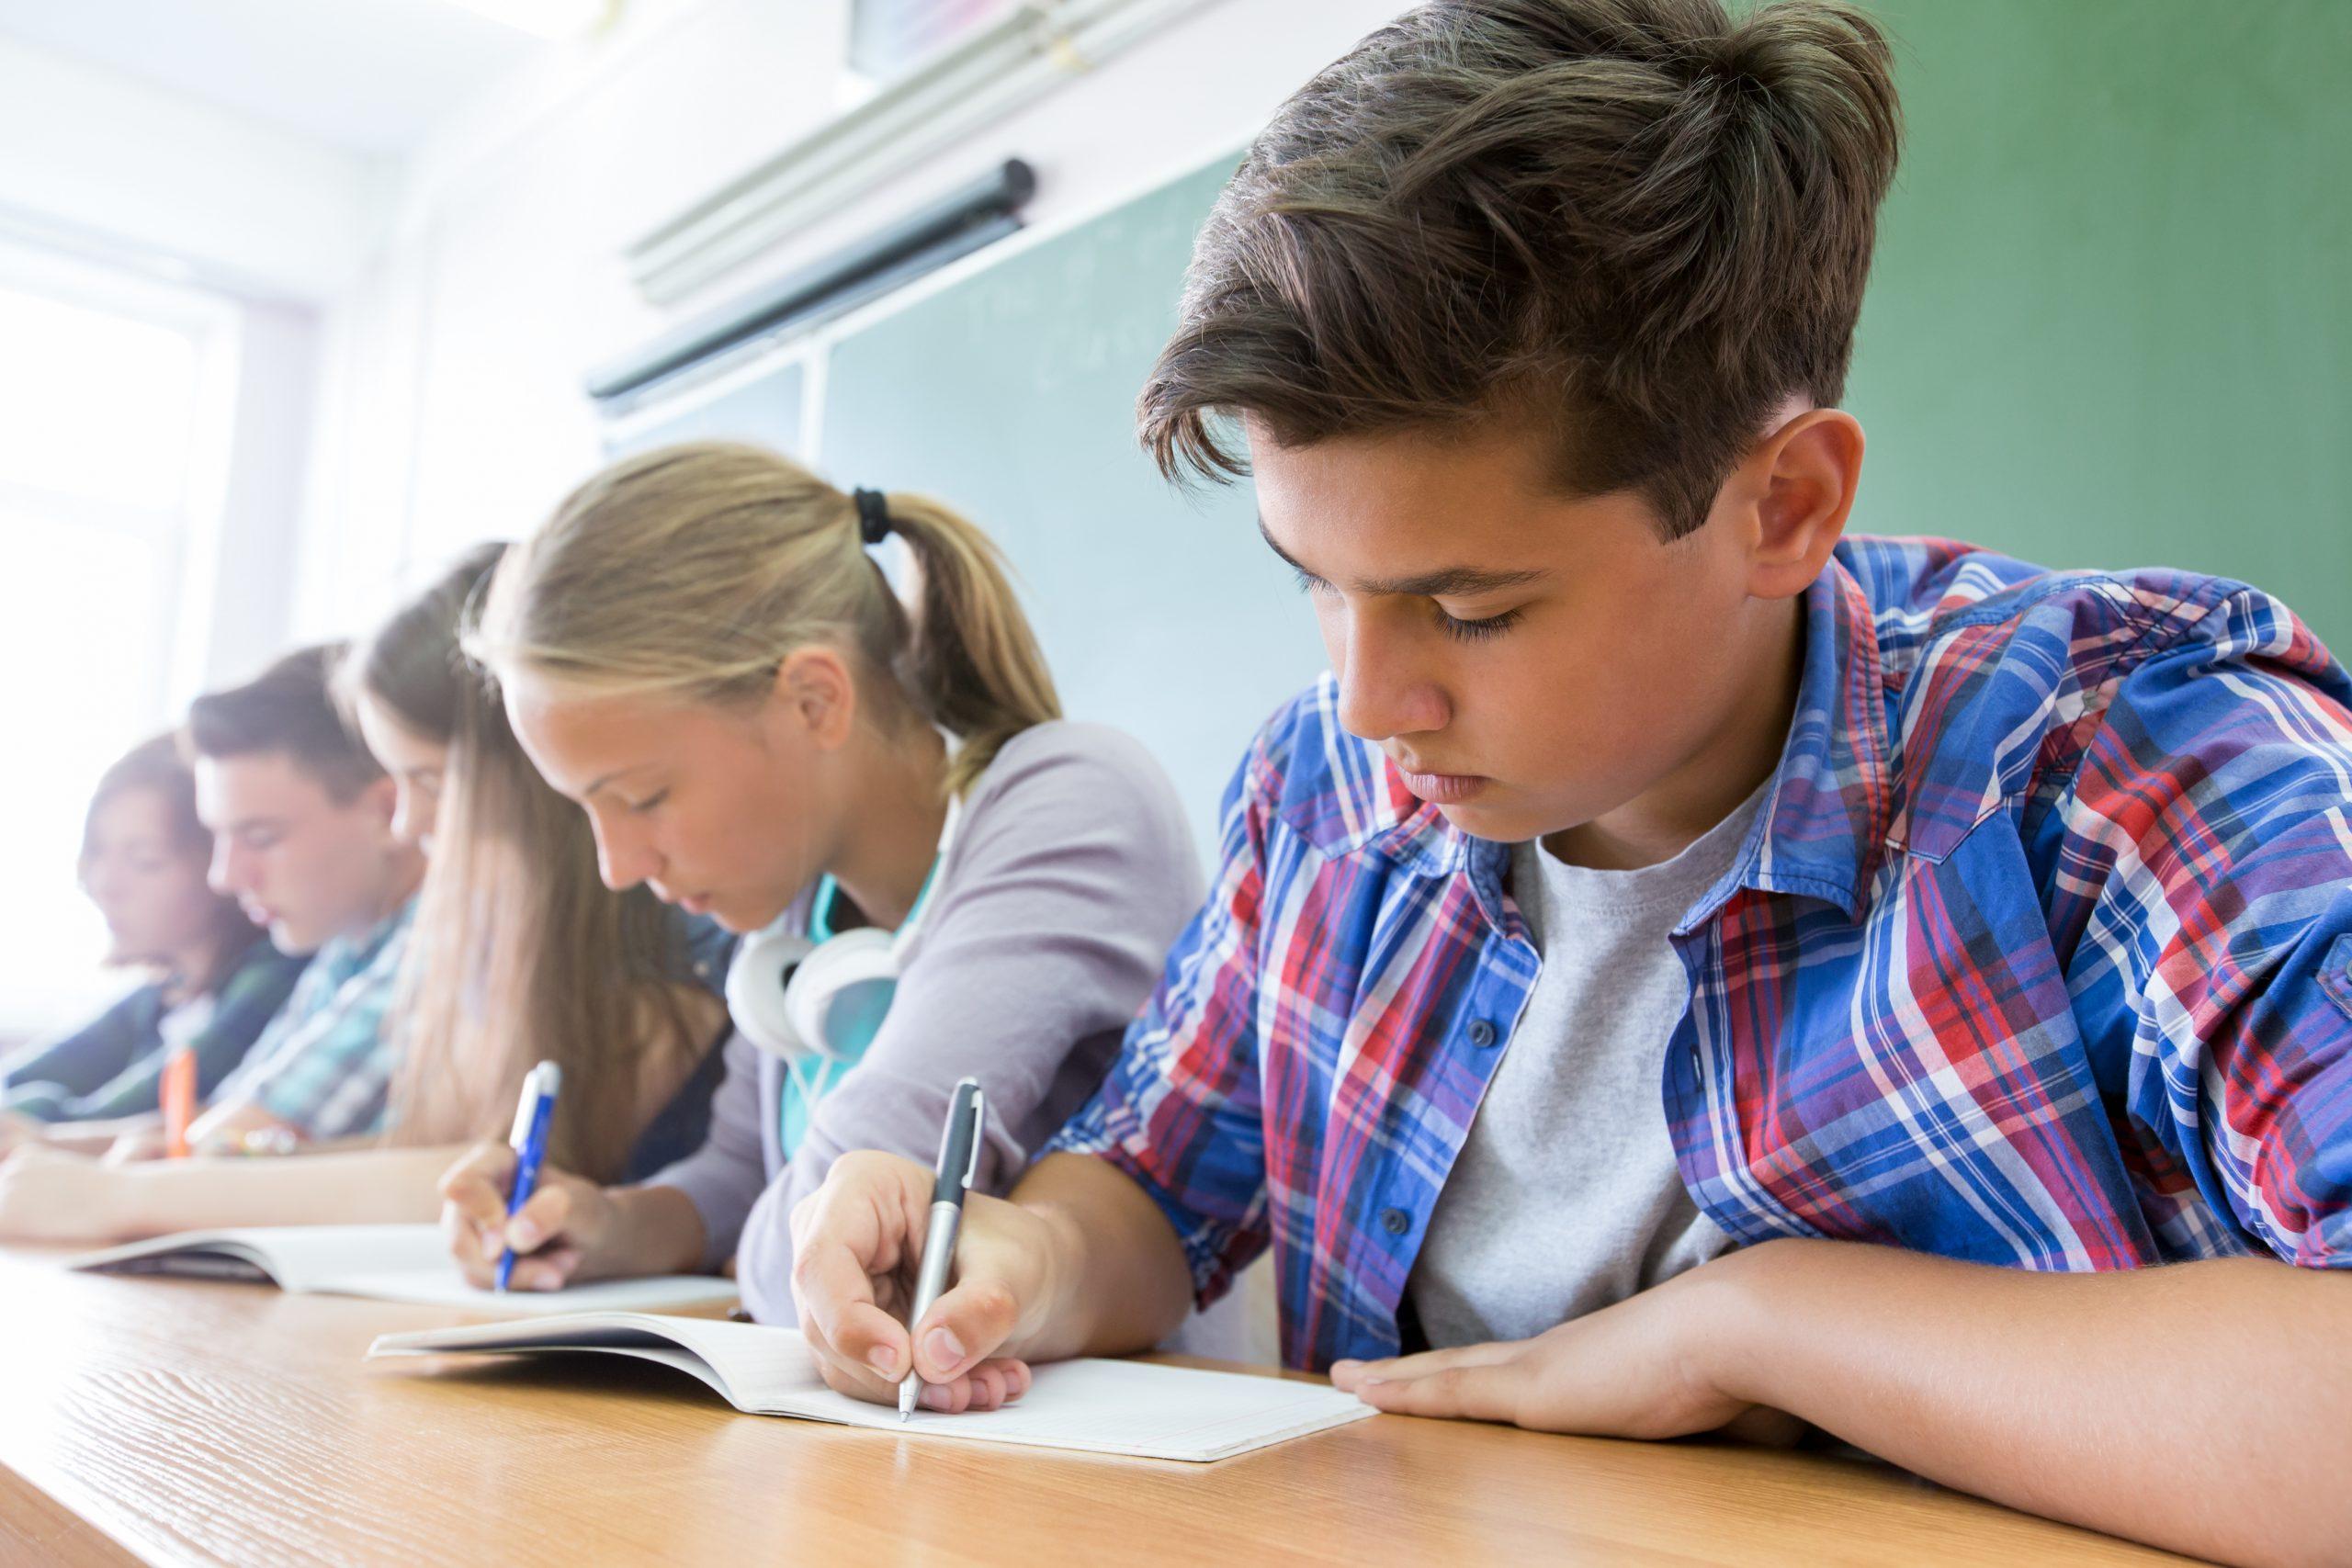 Støtte på ungdomsuddannelse